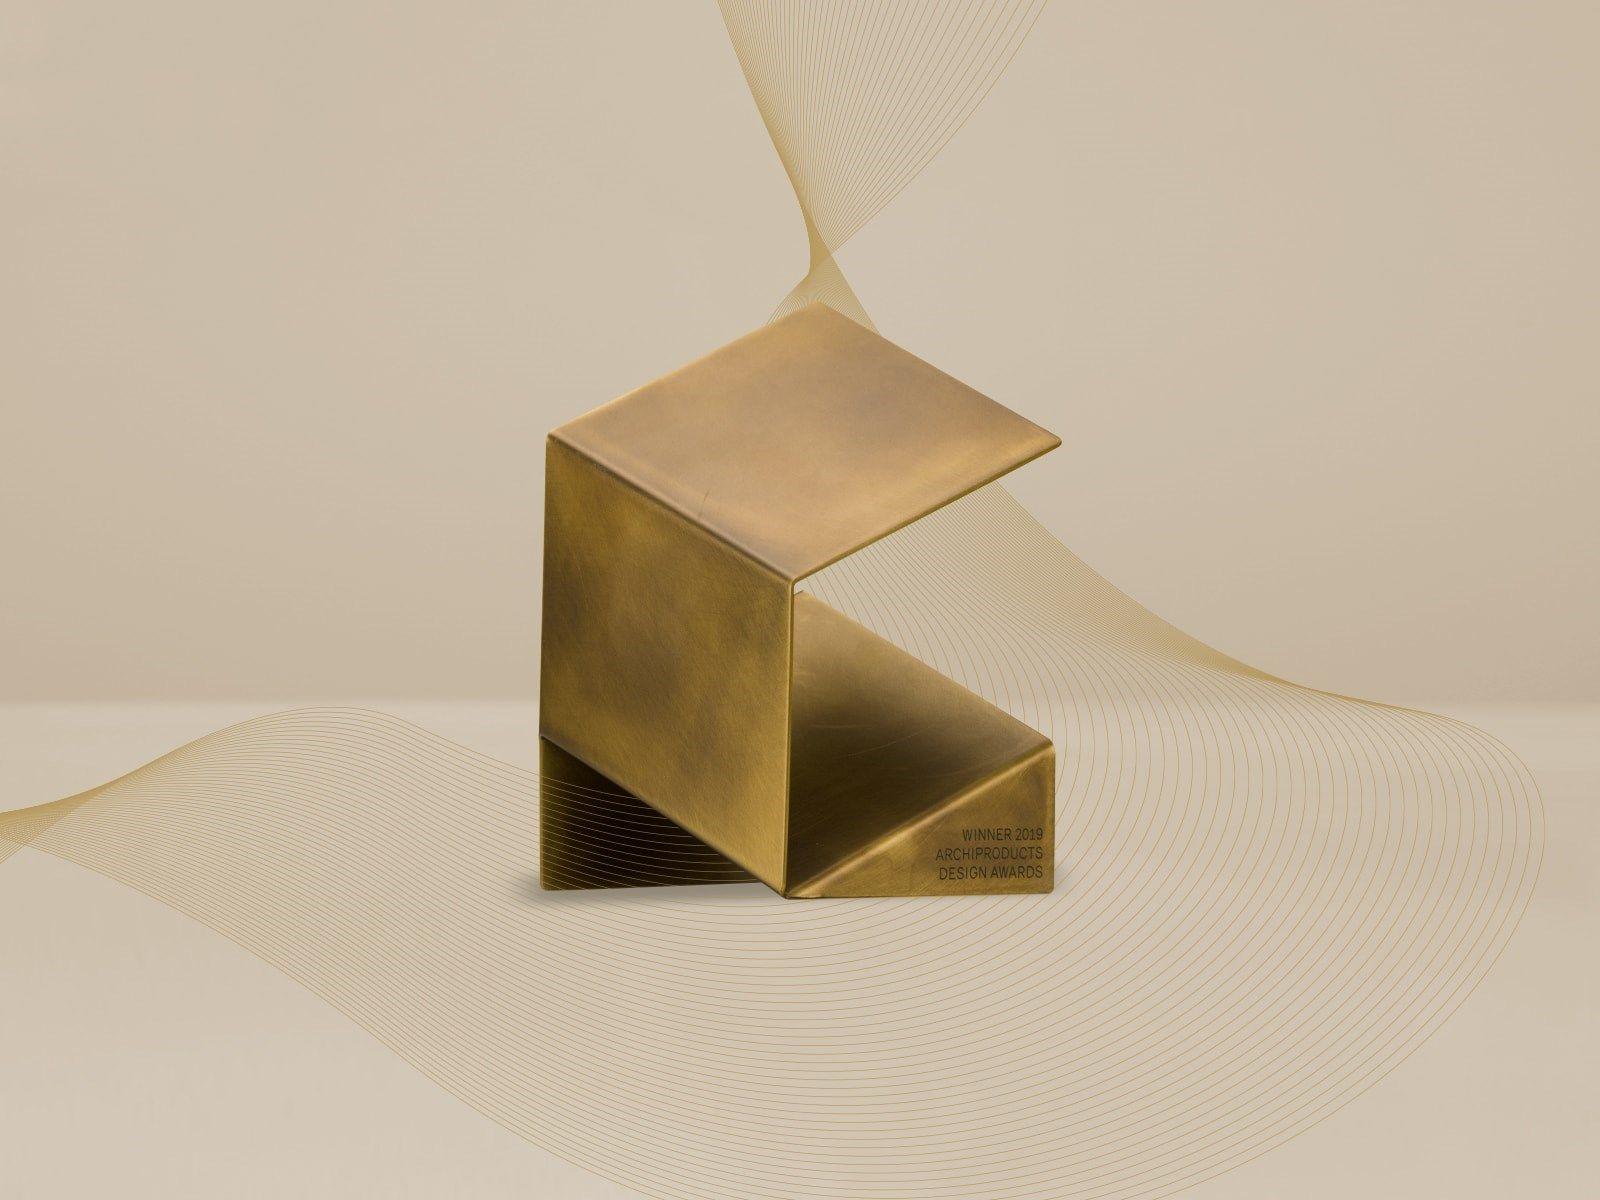 De Castelli realizza il premio destinato ai brand vincitori degli ADA 2020